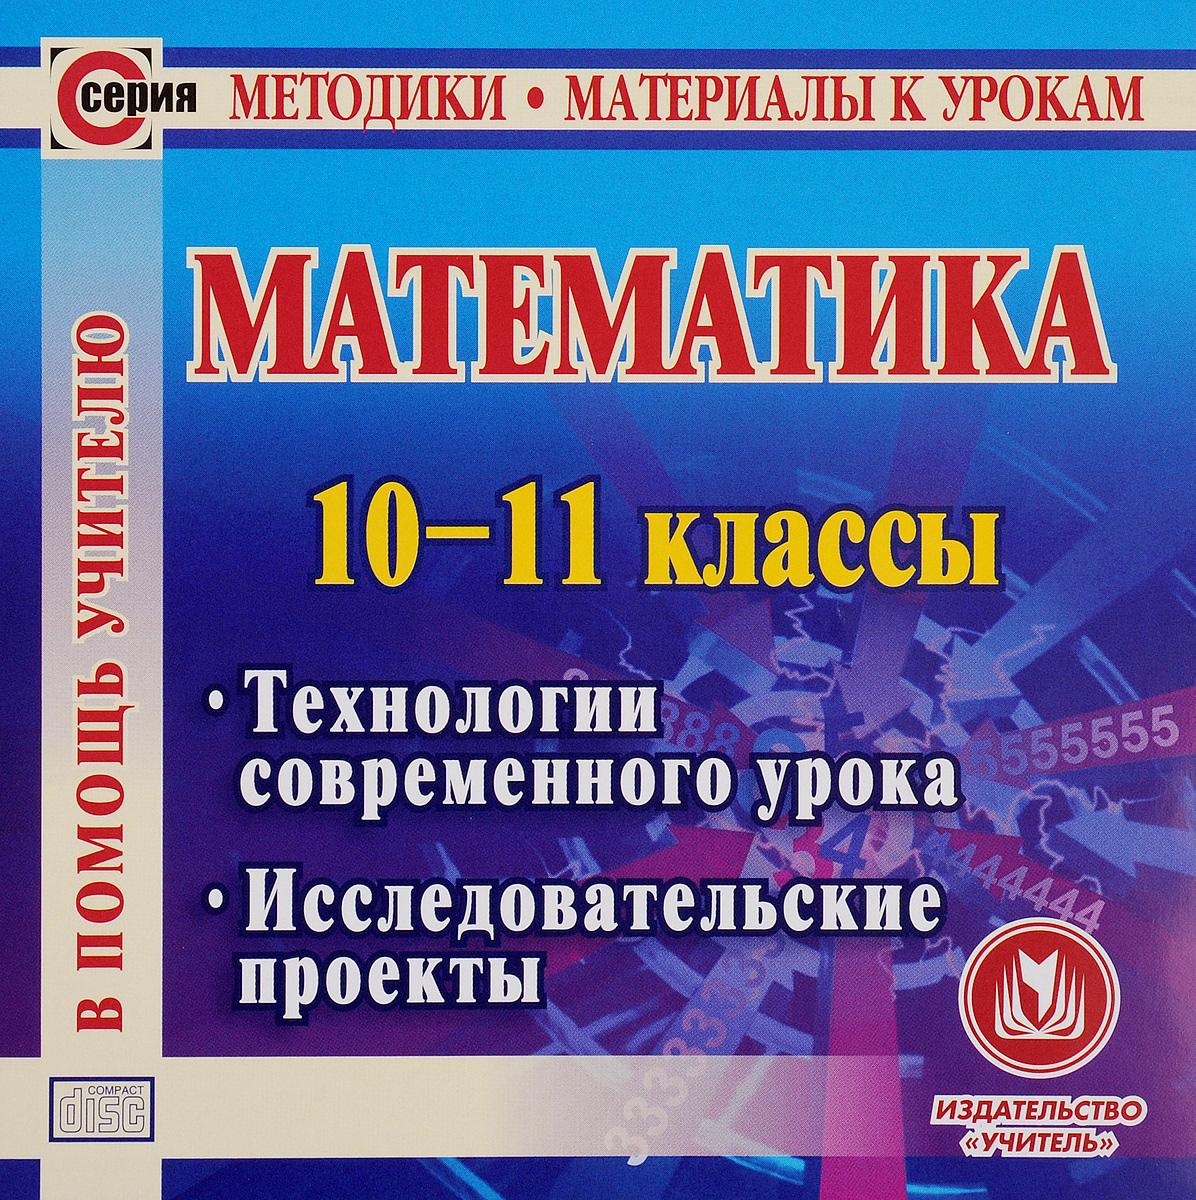 Математика. 10-11 классы. Технологии современного урока. Исследовательские проекты